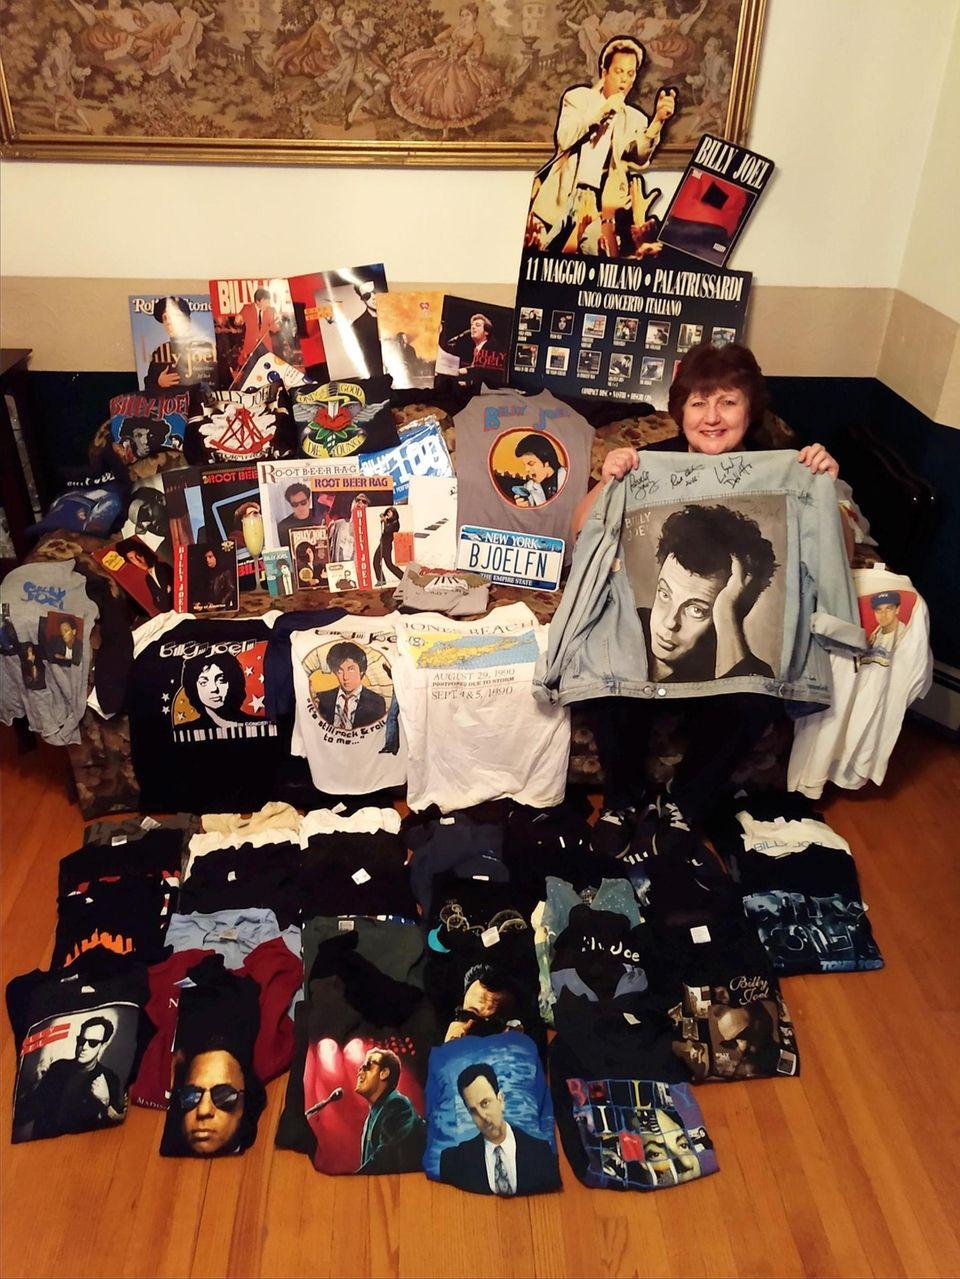 Billy Joel fan Maureen Smith, 58, of Lynbrook